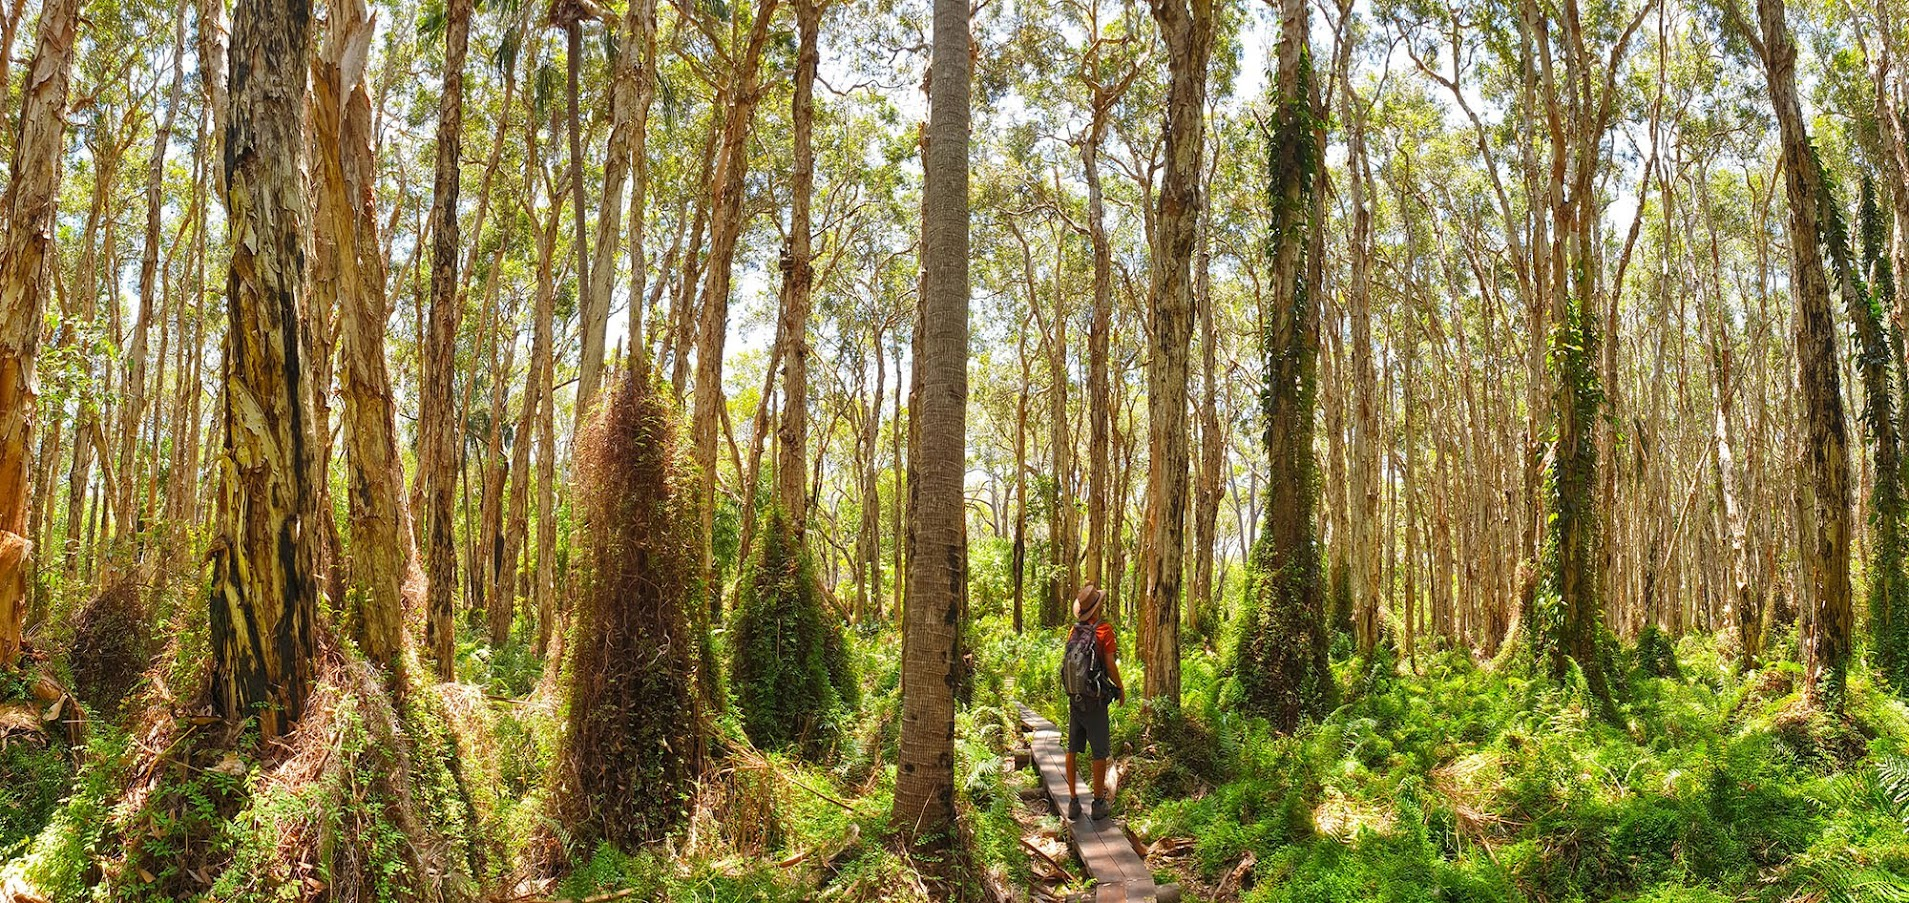 Visitar a GRANDE BARREIRA DE CORAL DA AUSTRÁLIA | Roteiro para viajar pela Costa Leste da Austrália, de Cairns a Brisbane